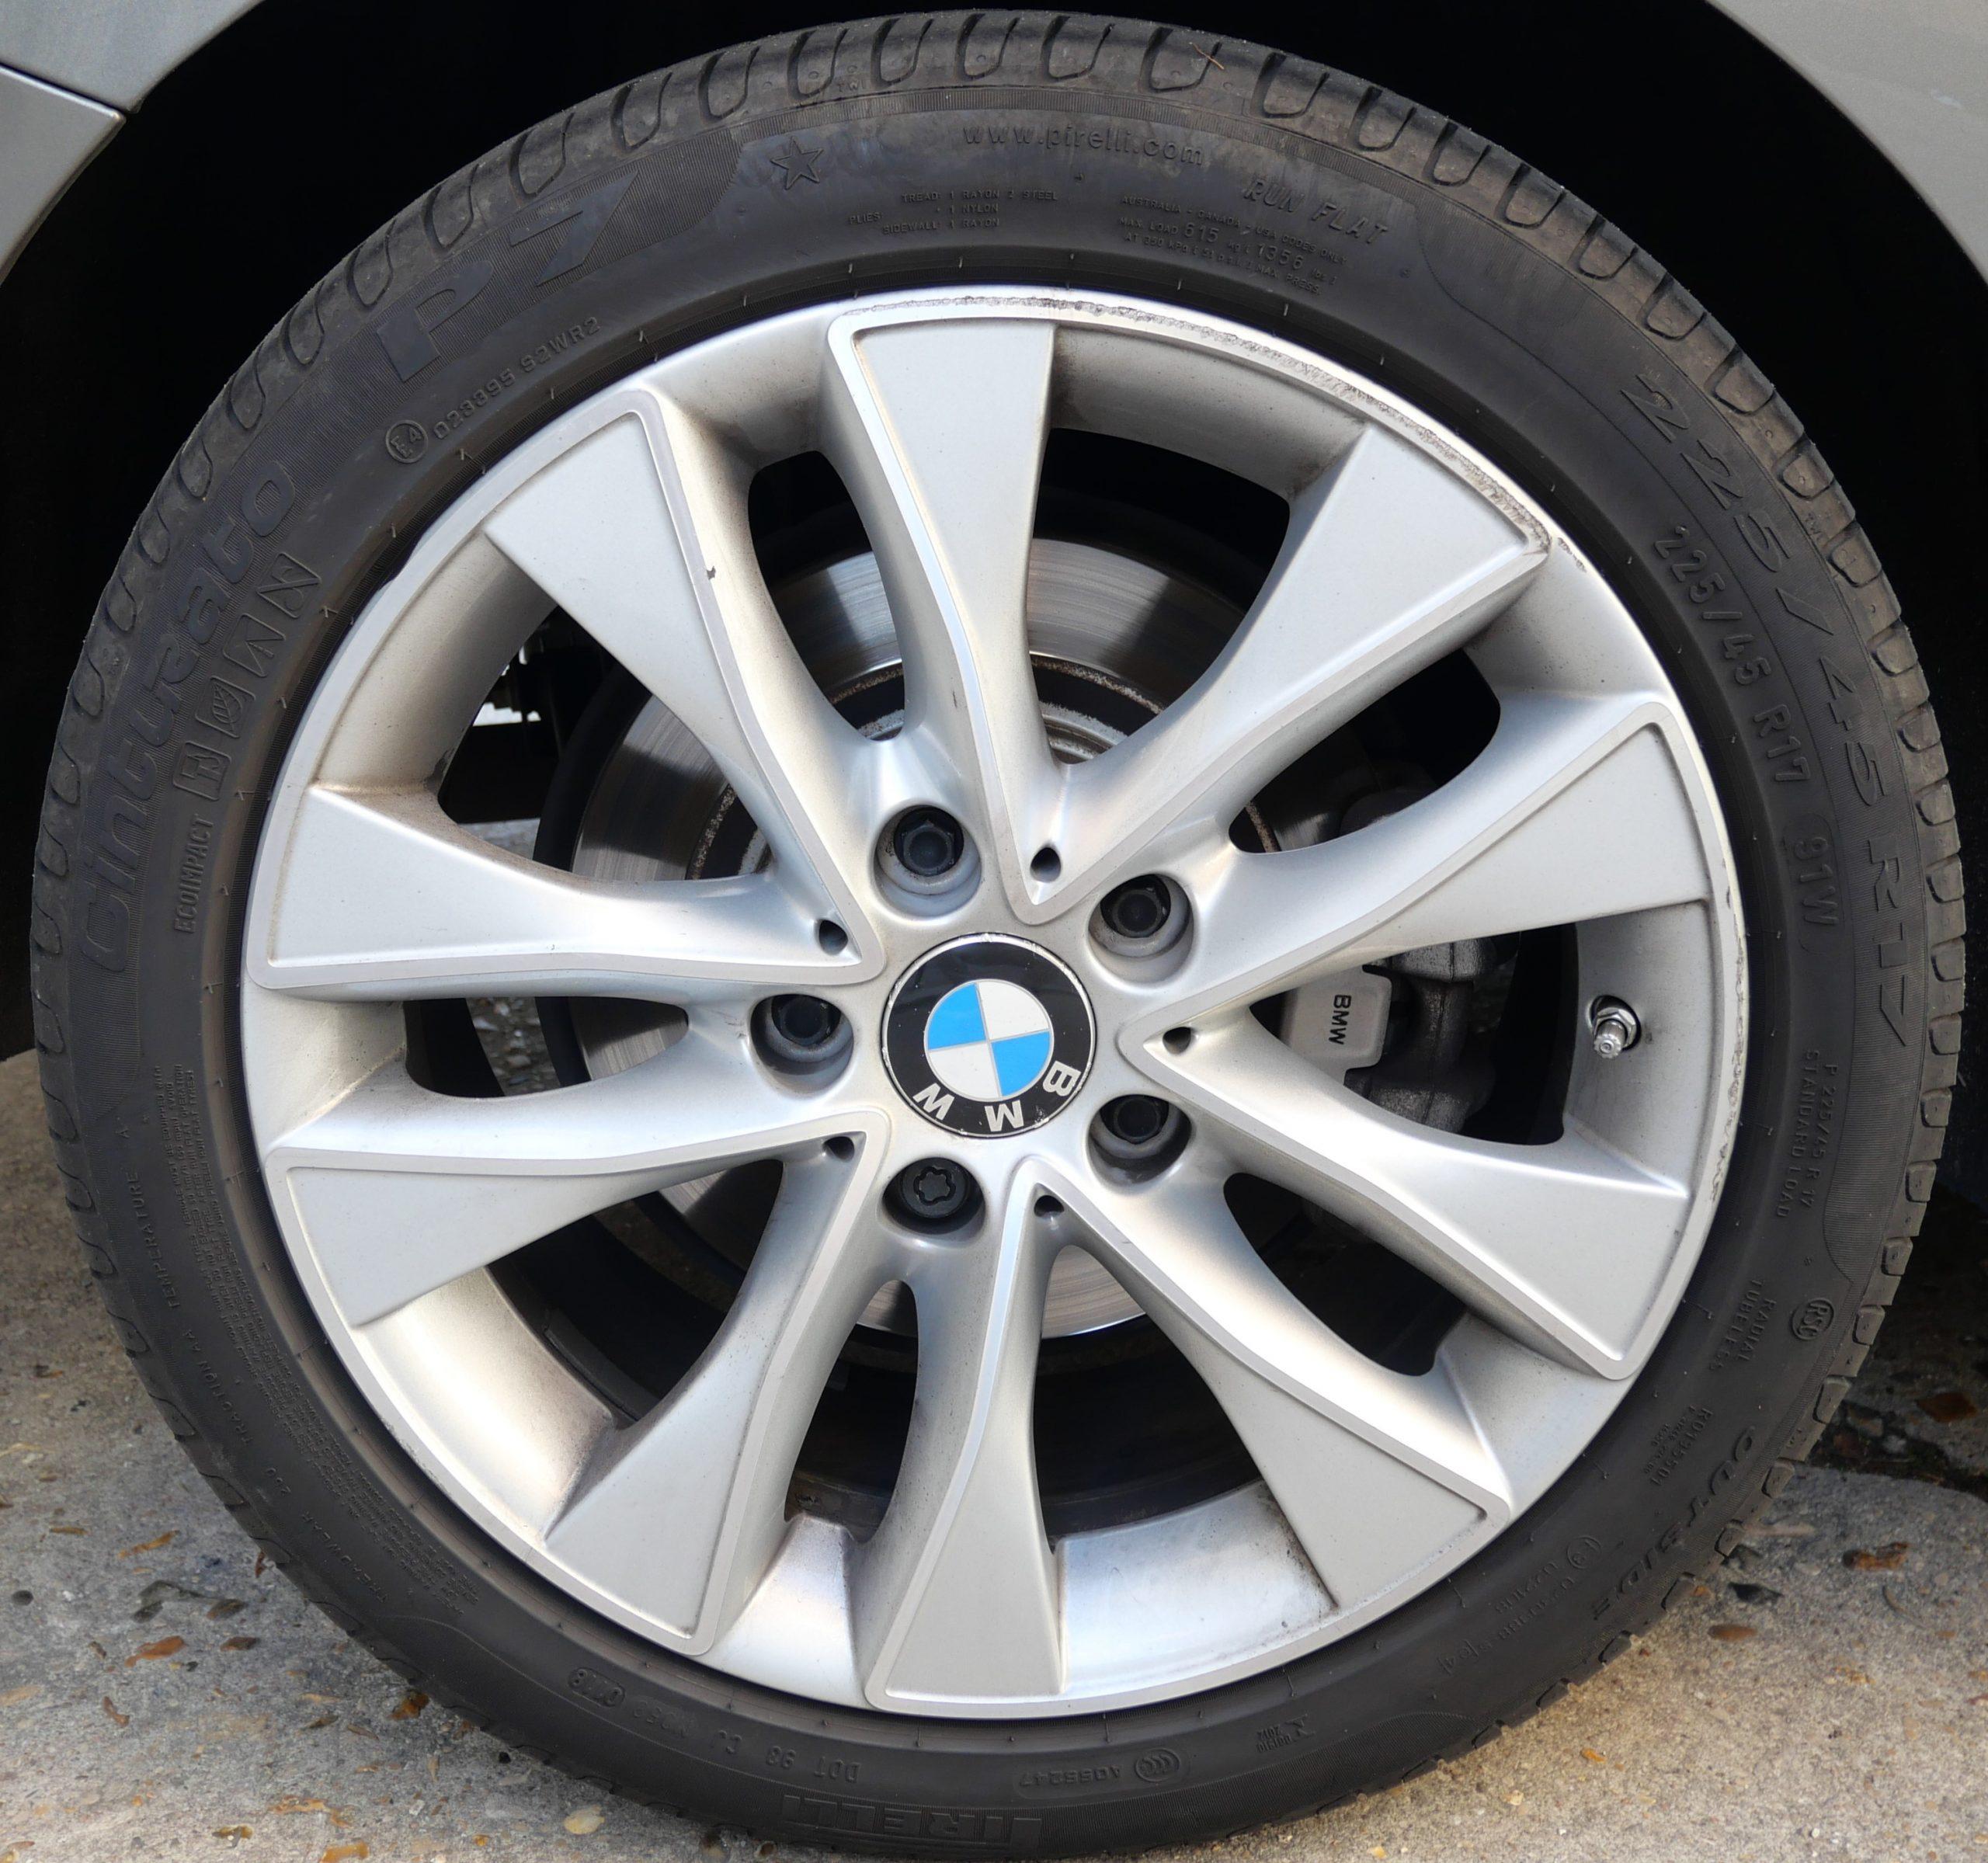 BMW Série 1 (F20) XDrive LCI 120d 2.0 d 190ch 20